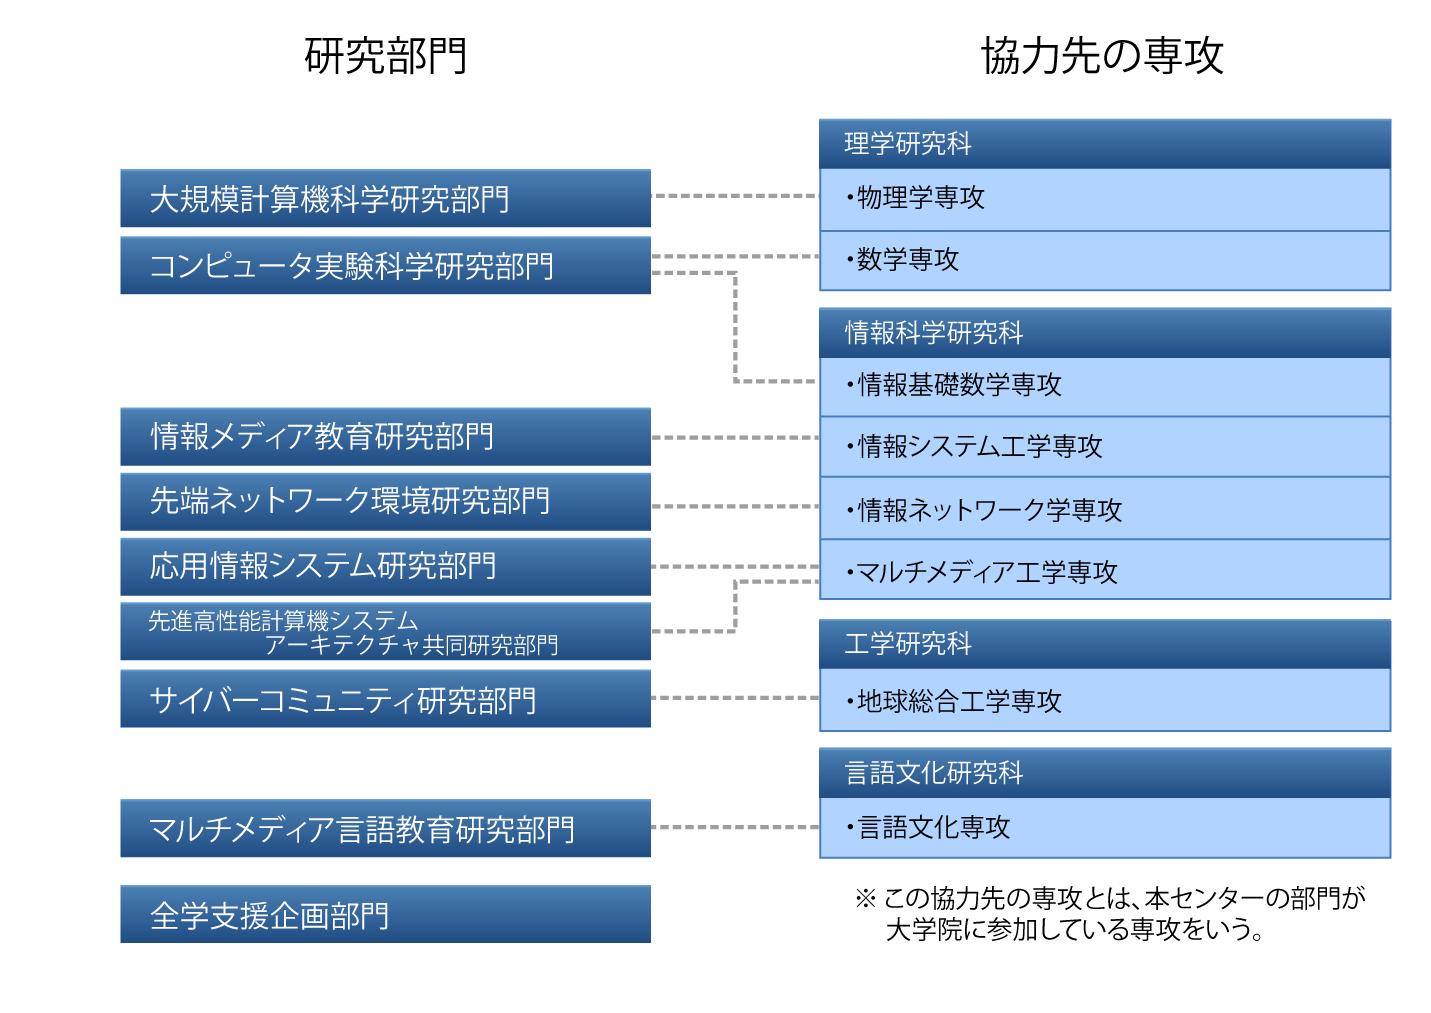 organization_chart-3_re04